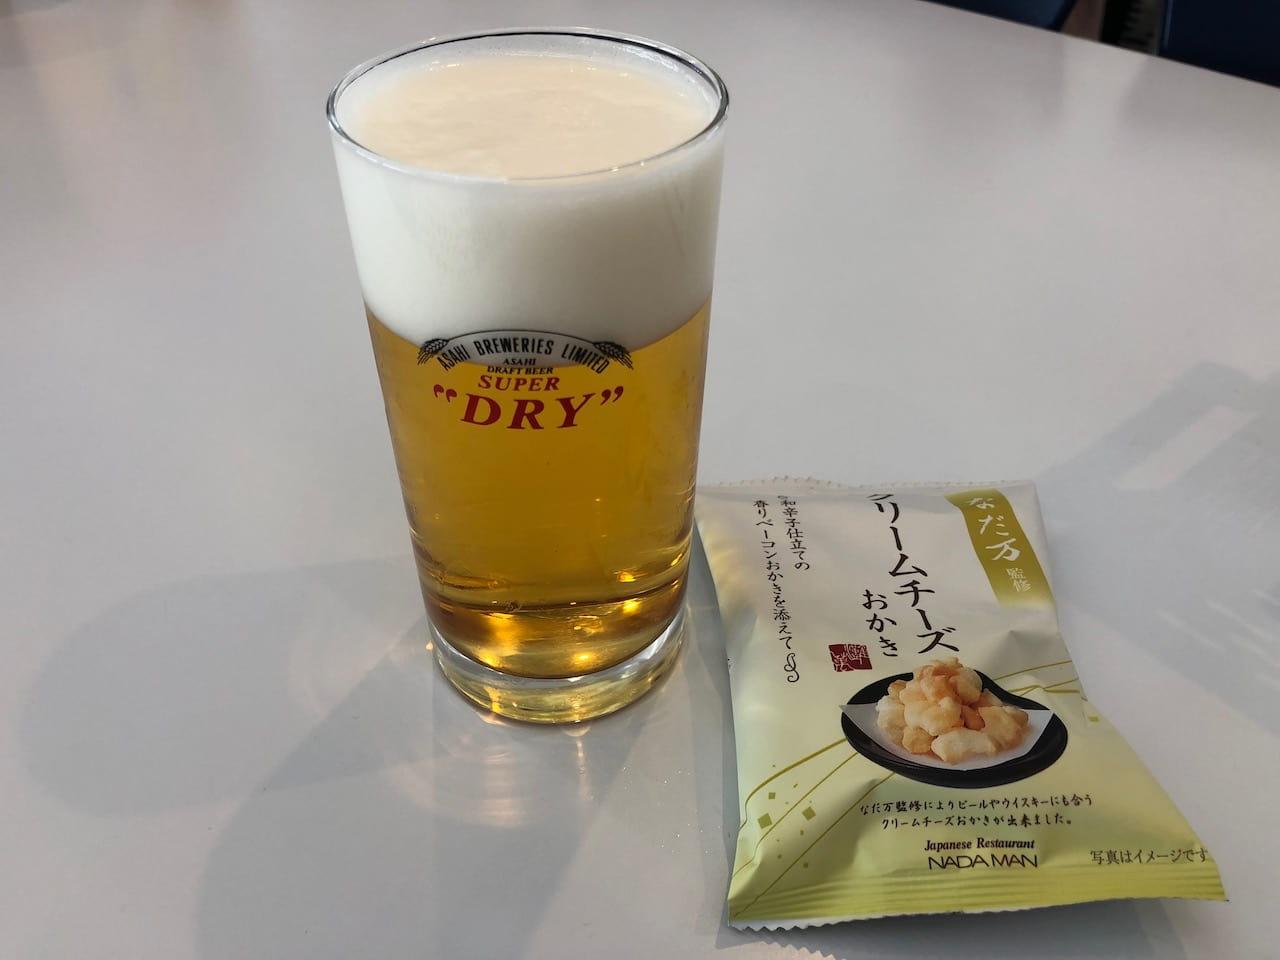 ビールやソフトドリンクの試飲